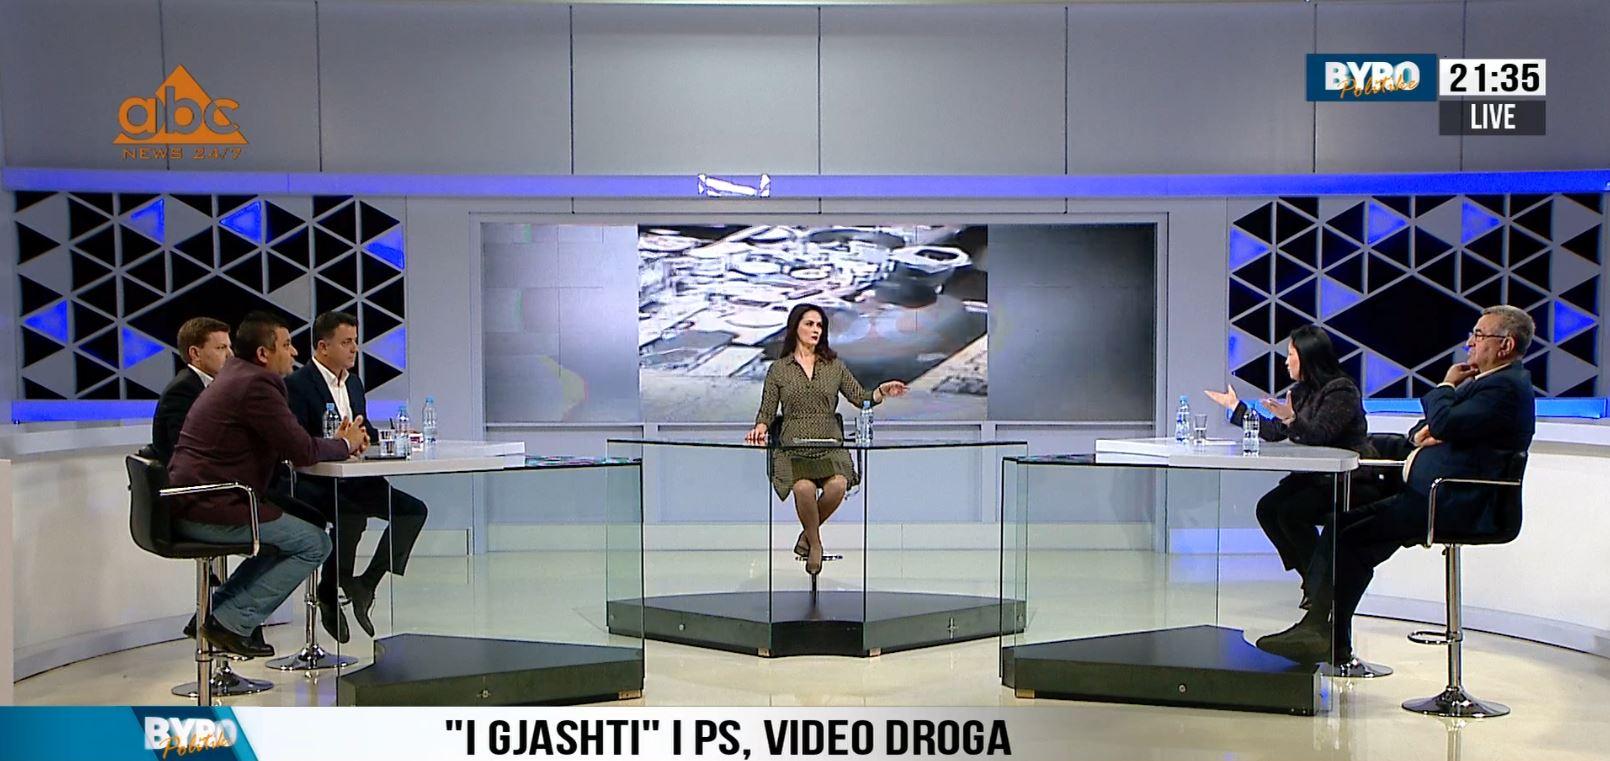 """""""I gjashti i PS, Video-Droga"""", Çfarë e pret kryebashkiakun e Bulqizës?"""